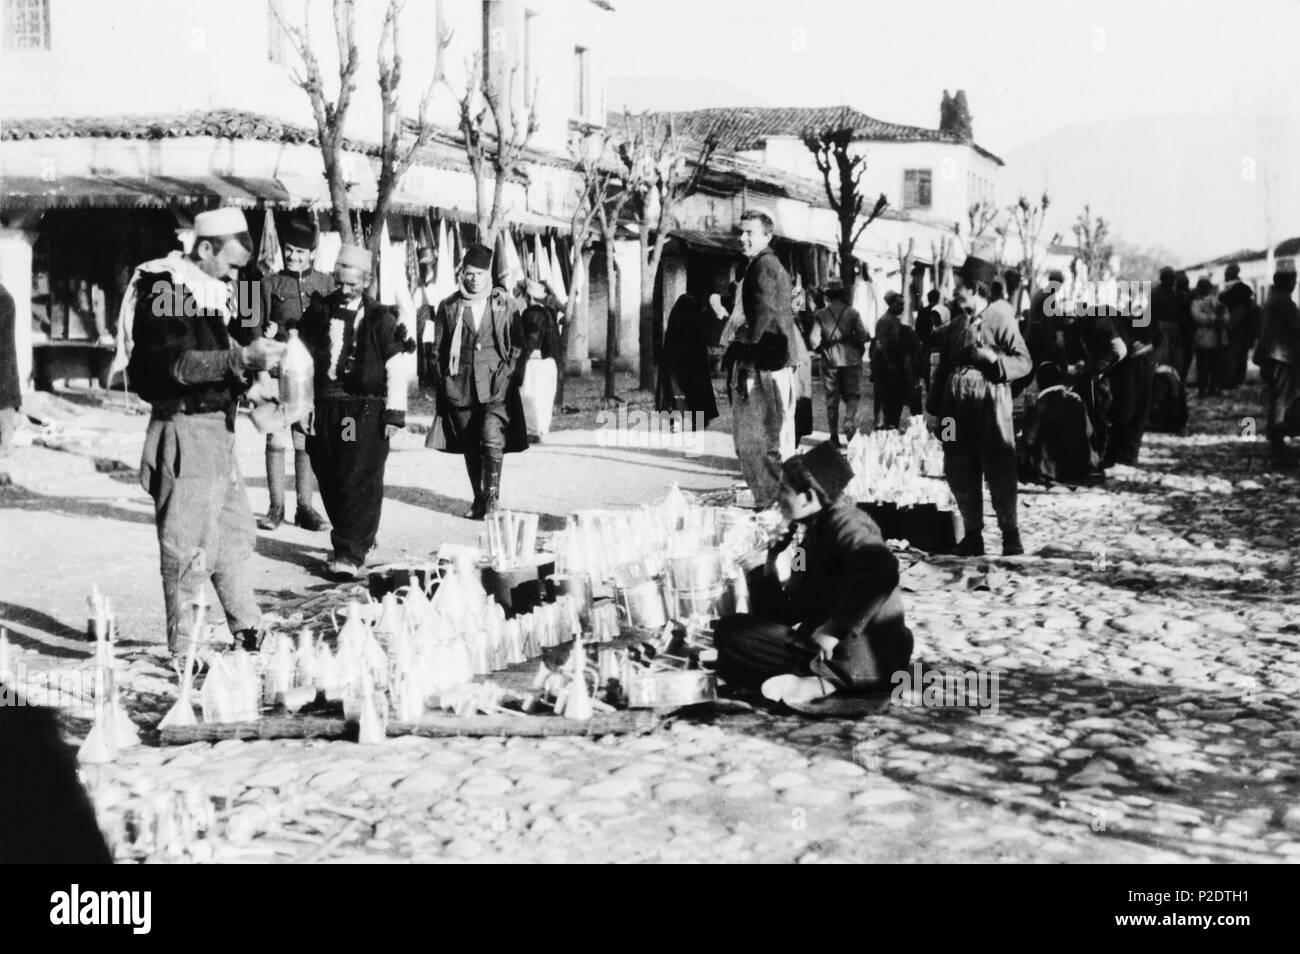 . Deutsch: Bazar im Zentrum von Tirana. Der Händler verkauf Blechgeschirr wie Trichter und Töpfe. 1923. Frank and Frances Carpenter. 63 Tirana Bazar - Stock Image